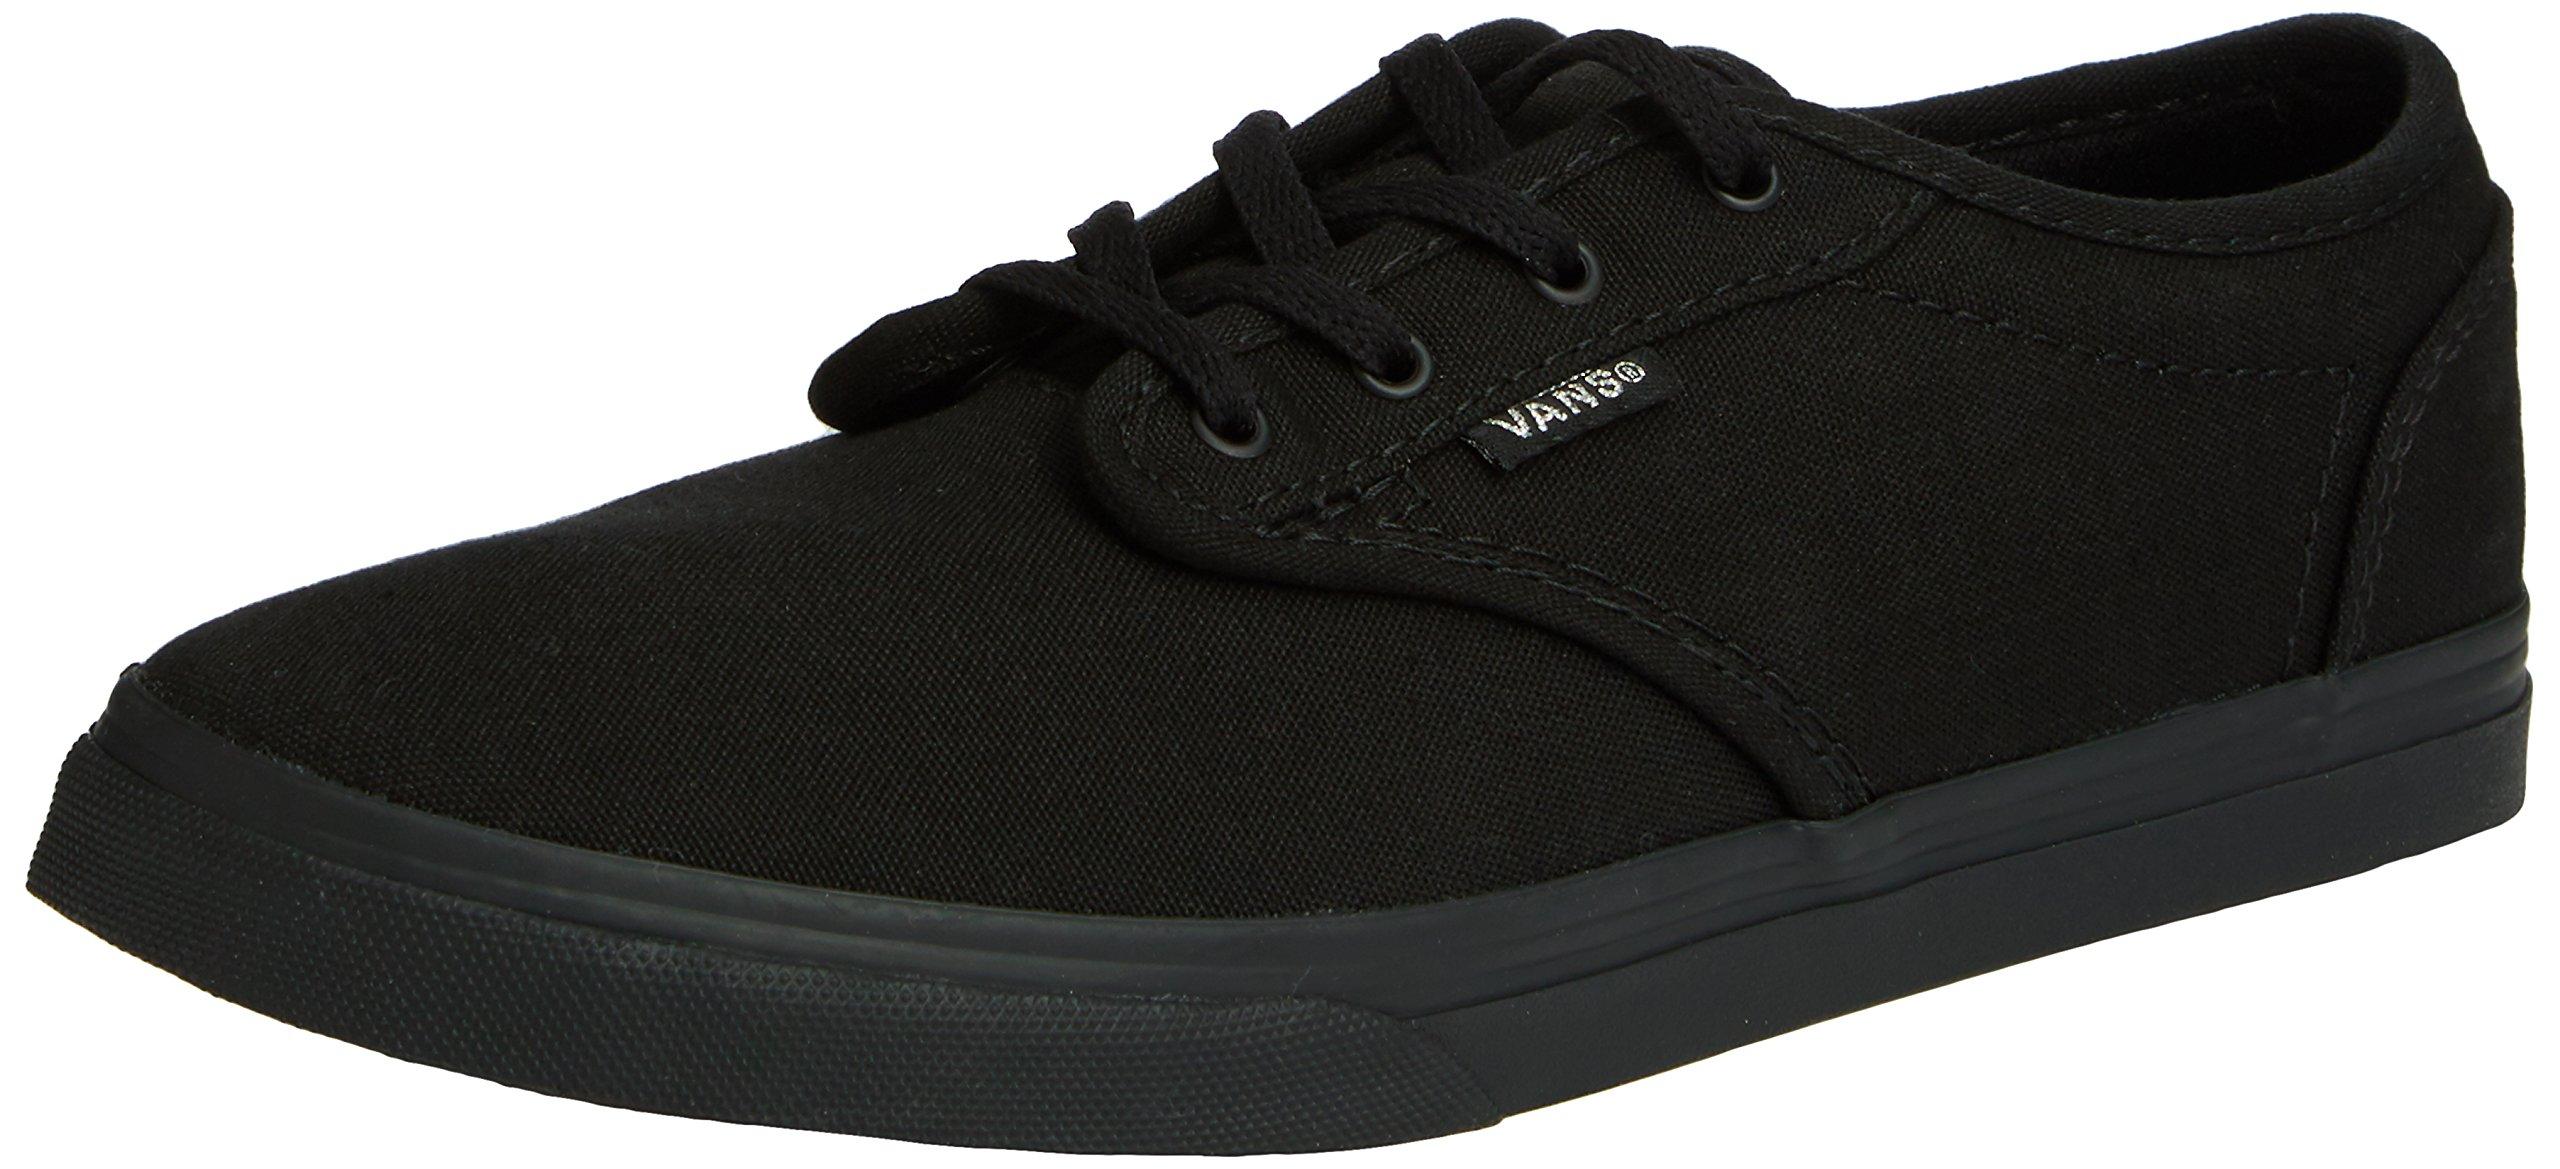 Vans Kids Atwood Low (Canvas) Black/Black Casual Shoe 4.5 Kids US by Vans